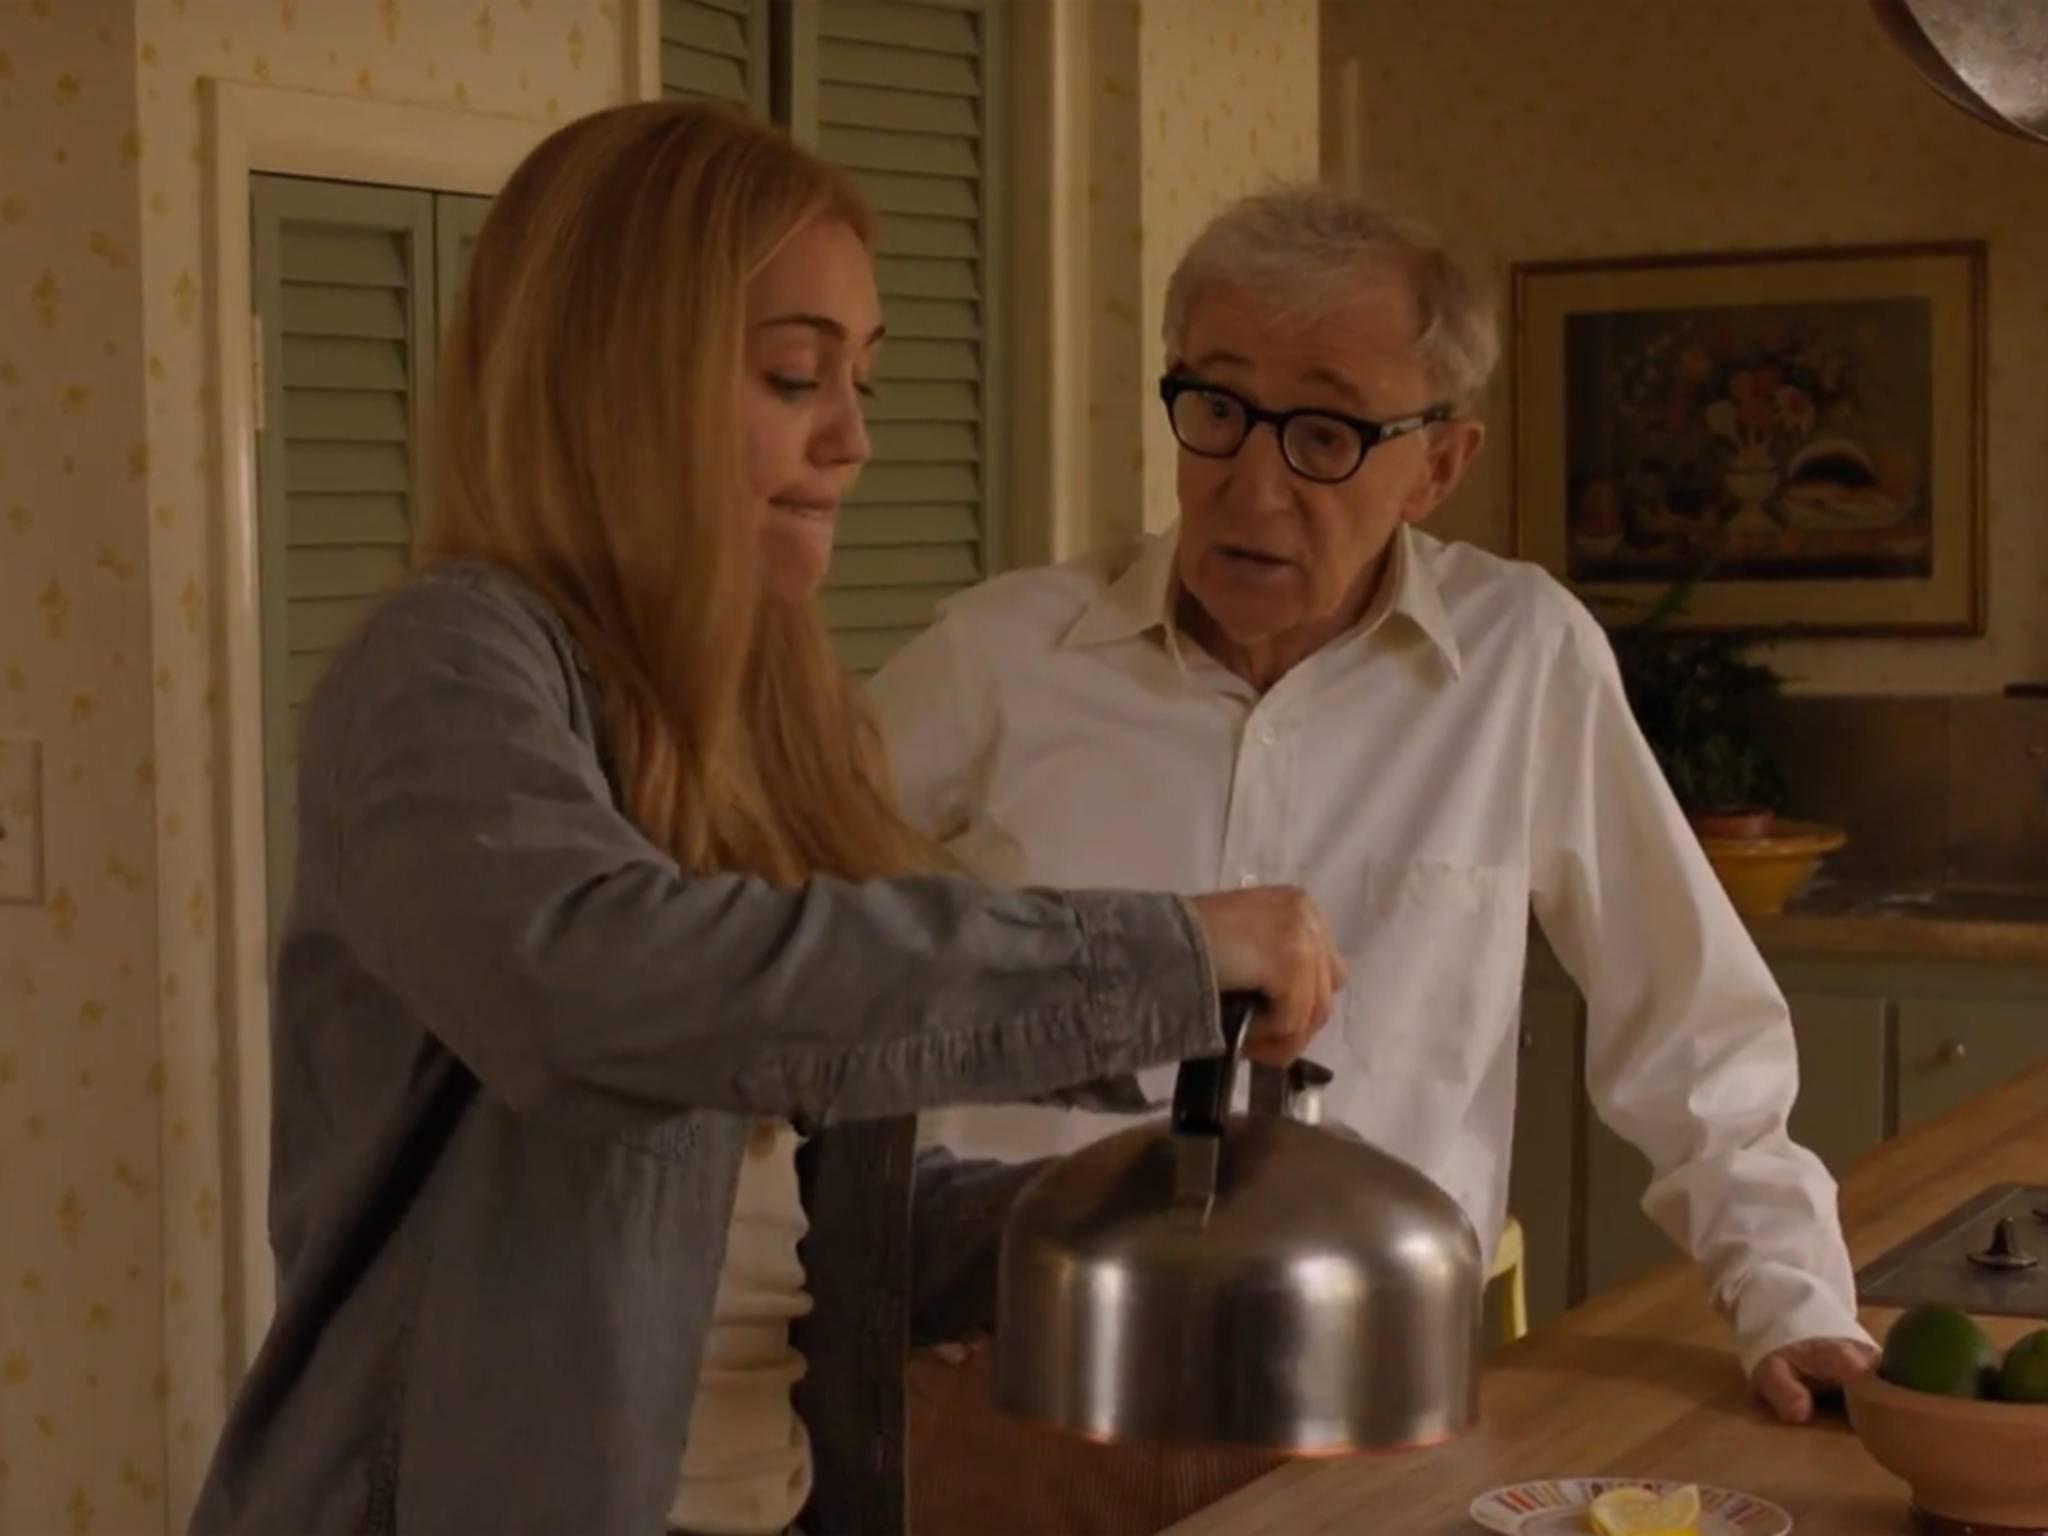 """Konfliktpotenzial: Woody Allen als Familienoberhaupt, Miley Cyrus als Hippie in """"Crisis in Six Scenes""""."""